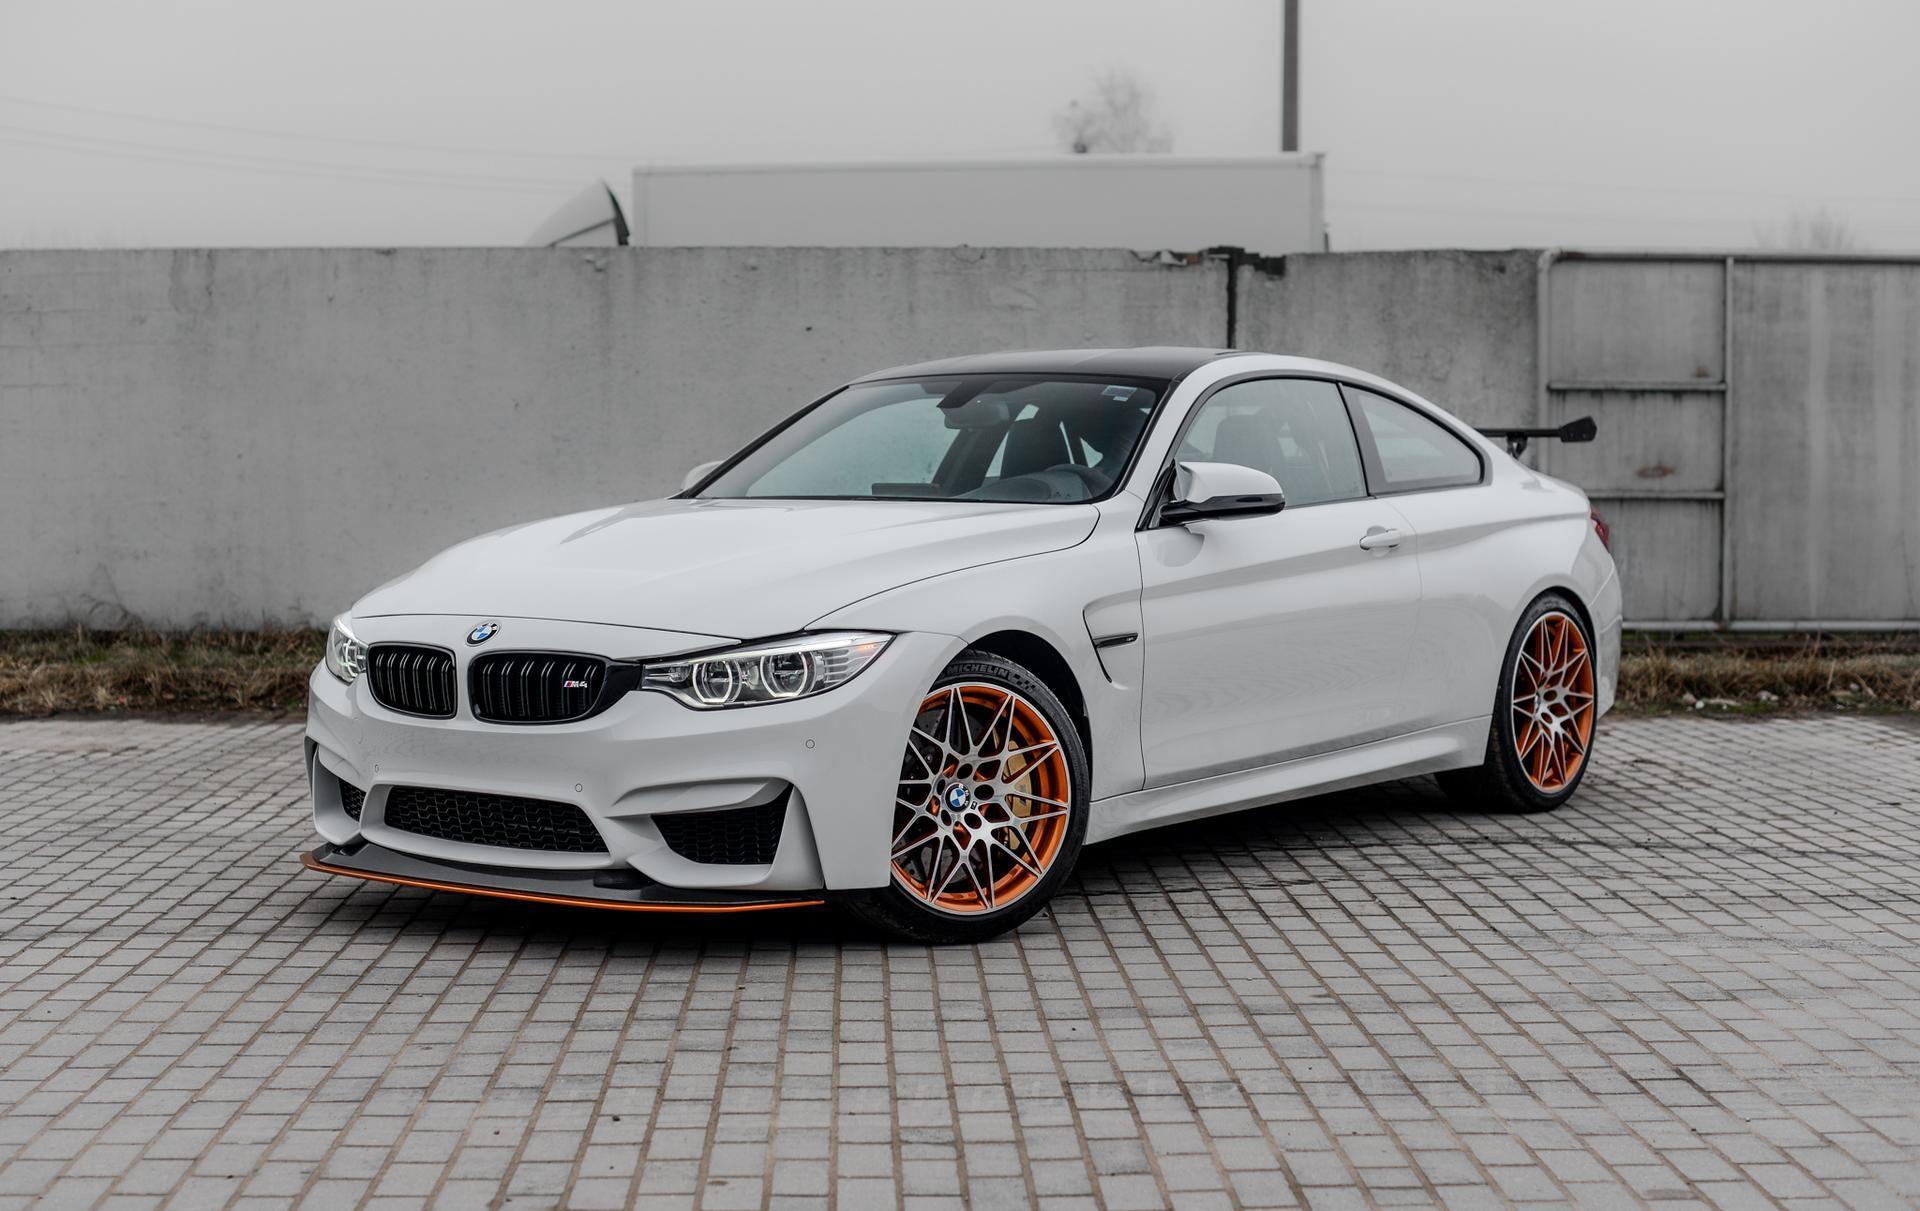 Lietuvoje parduodamas itin retas BMW M5 GTS: tokių pasaulyje tik